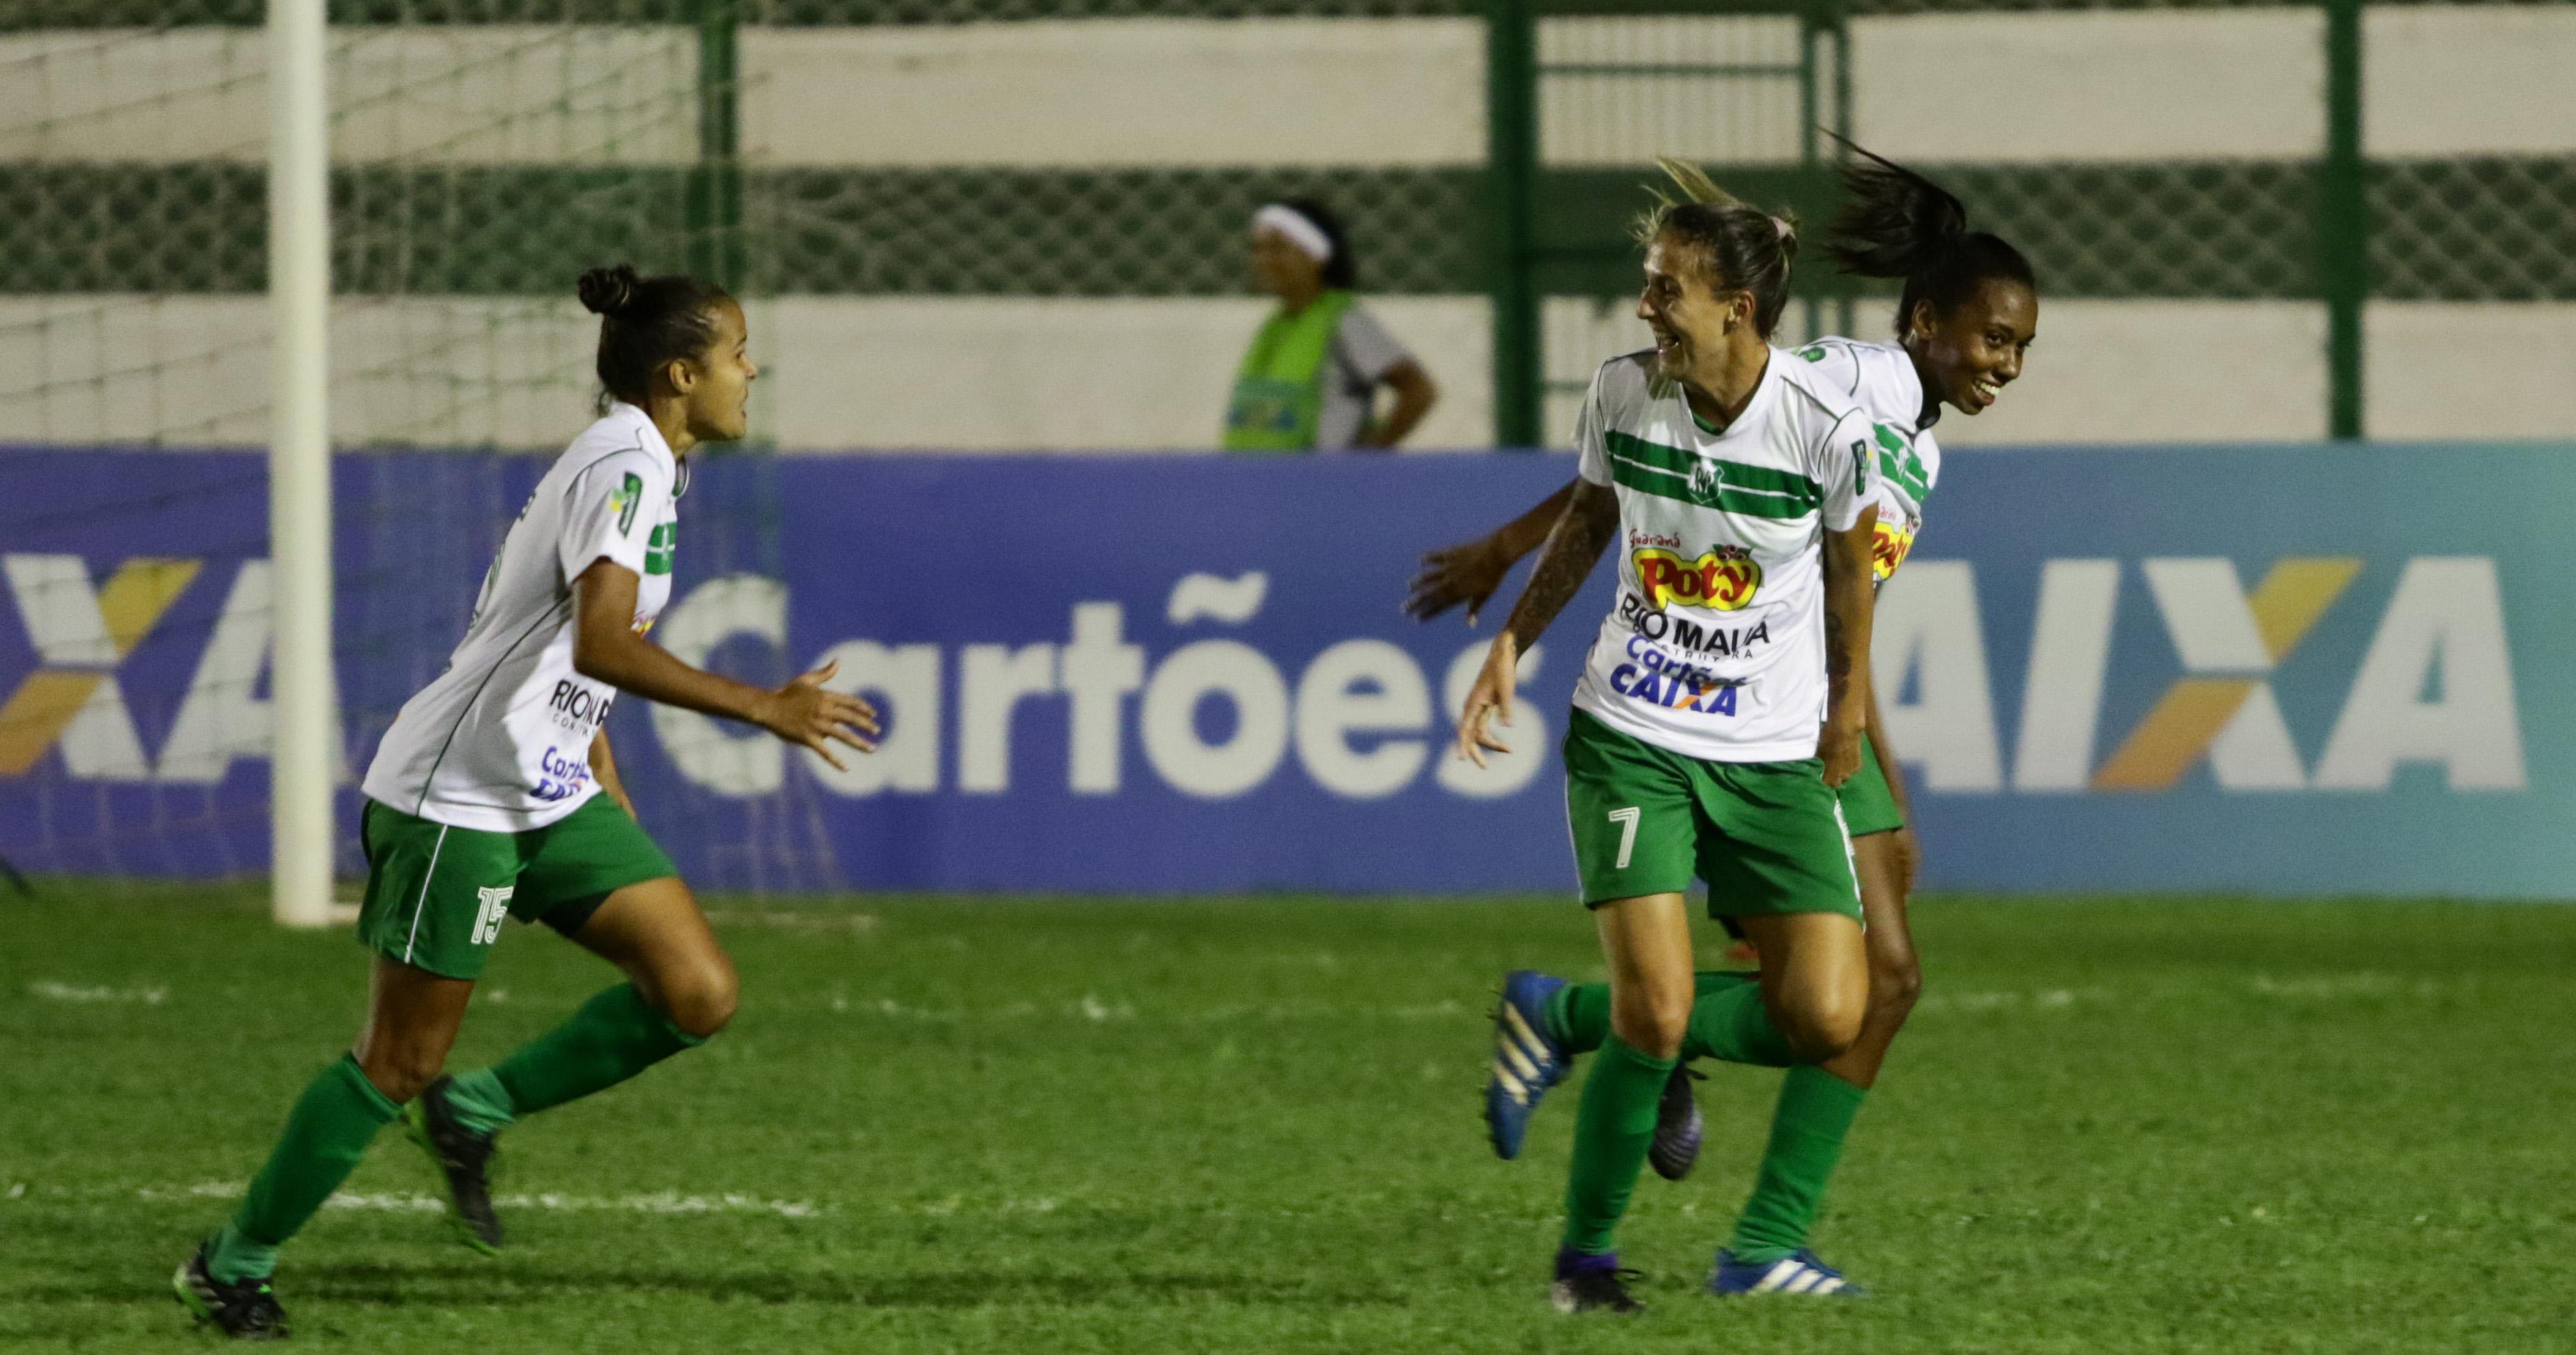 O Corinthians venceu o São José por 3 a 1 na abertura da segunda rodada do Paulista  Feminino, no último sábado. Já nesse domingo (16), ... c57d7258db